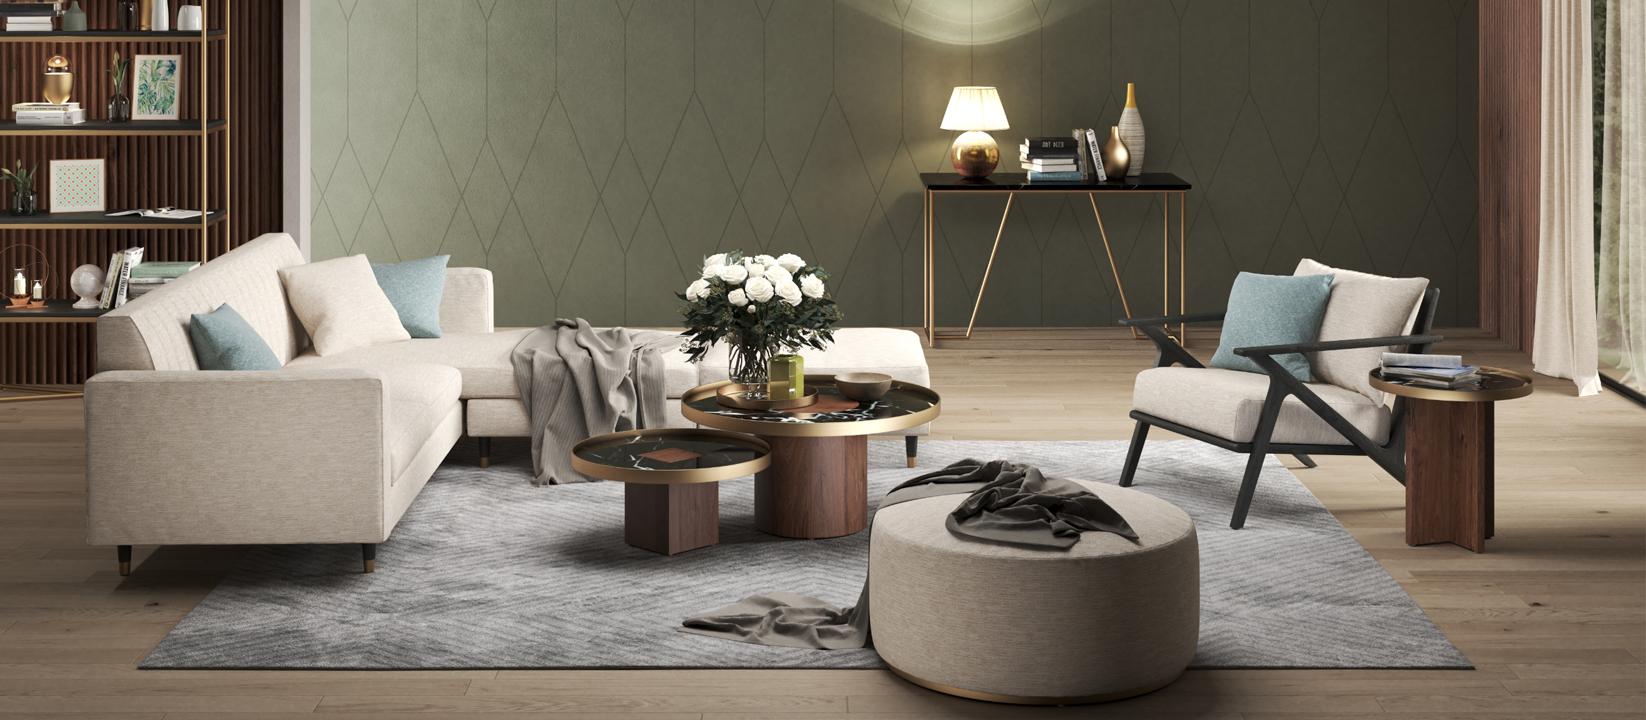 Rumah dengan Furnitur Modern dan Berkualitas Tinggi